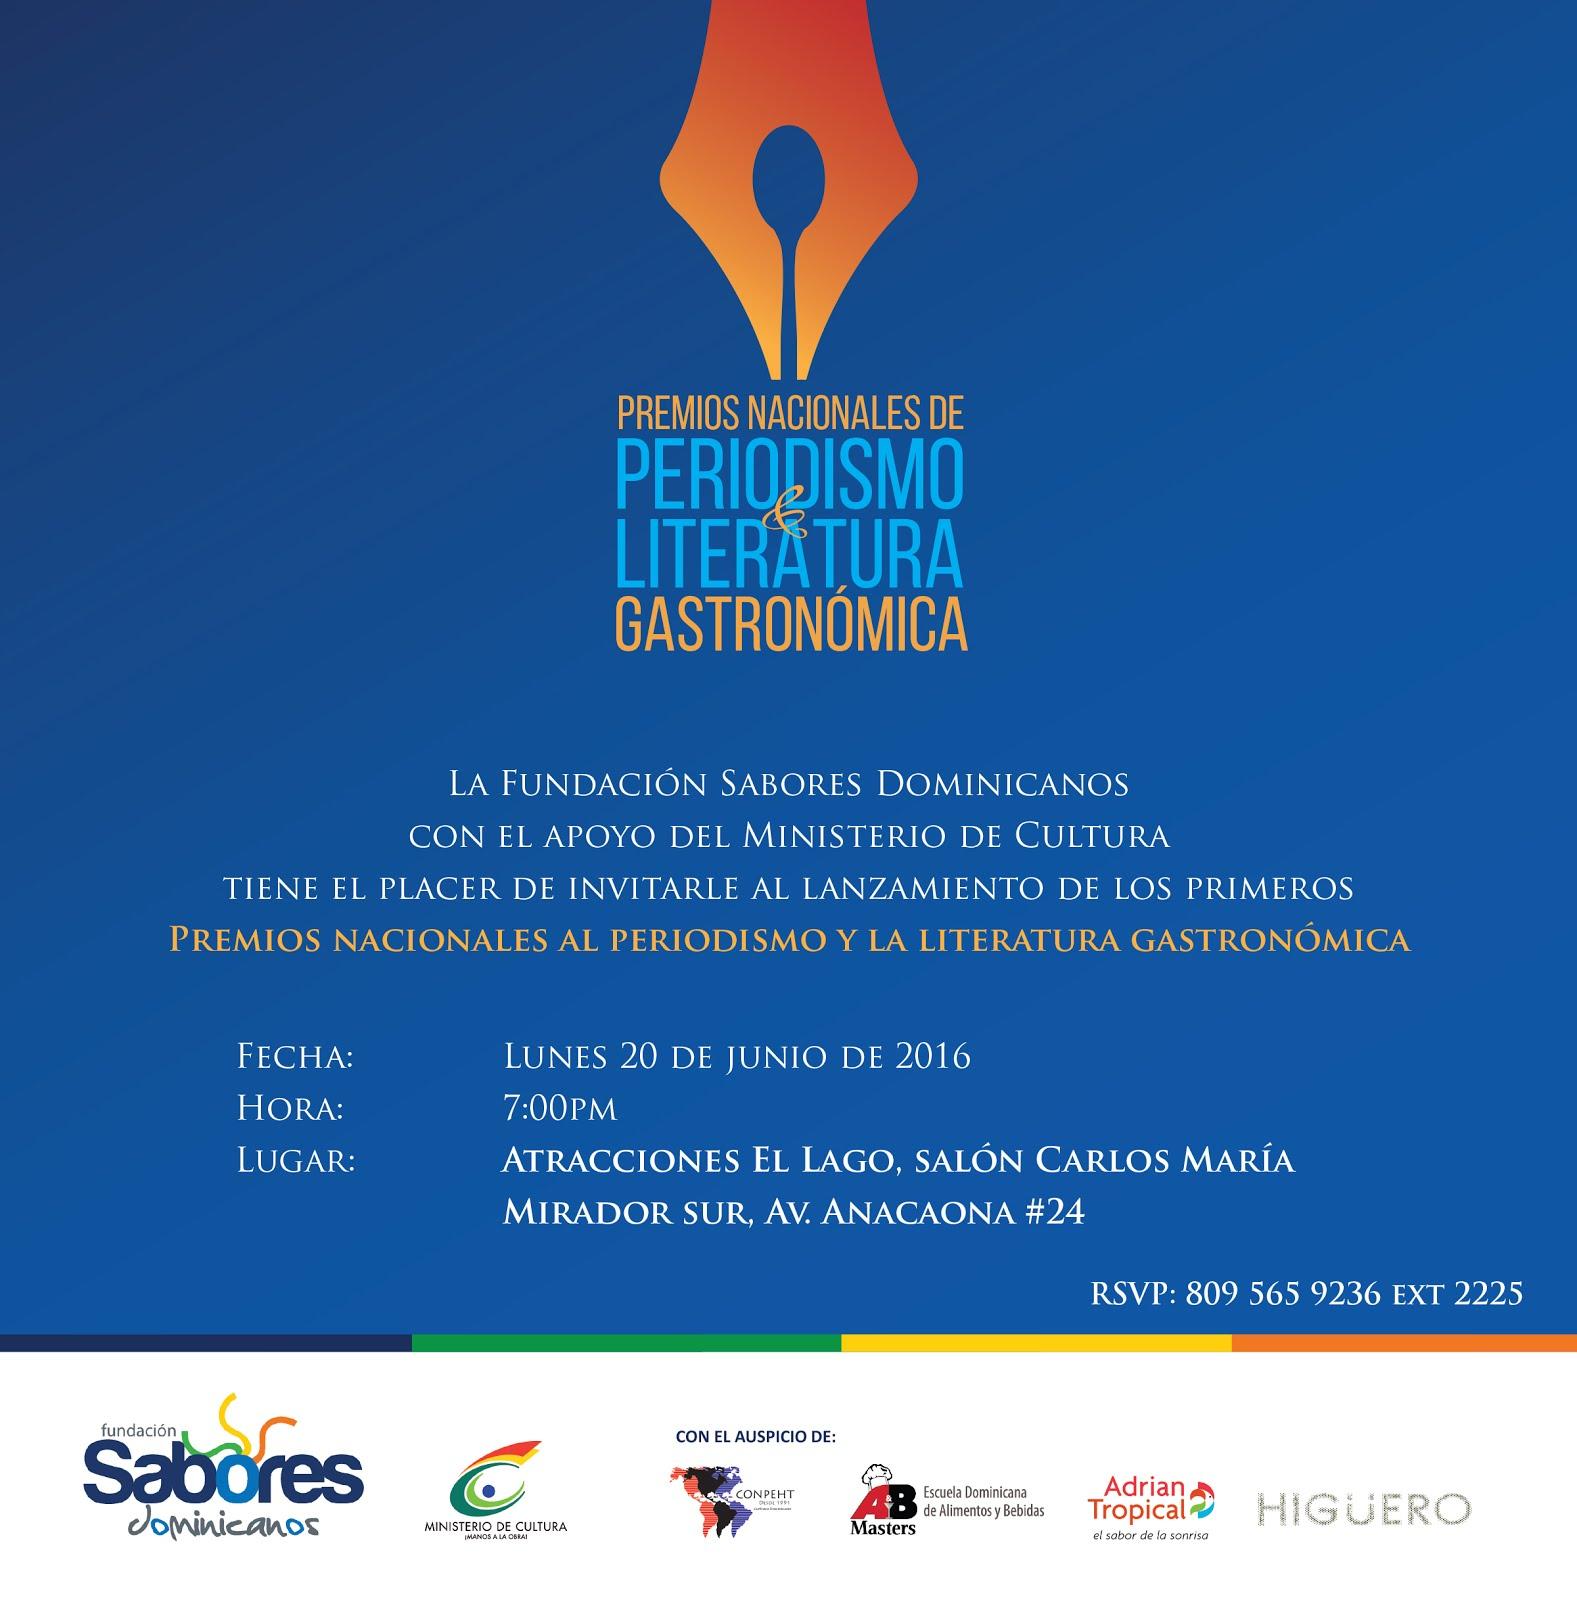 Premios Periodismo y Literatura Gastronómica